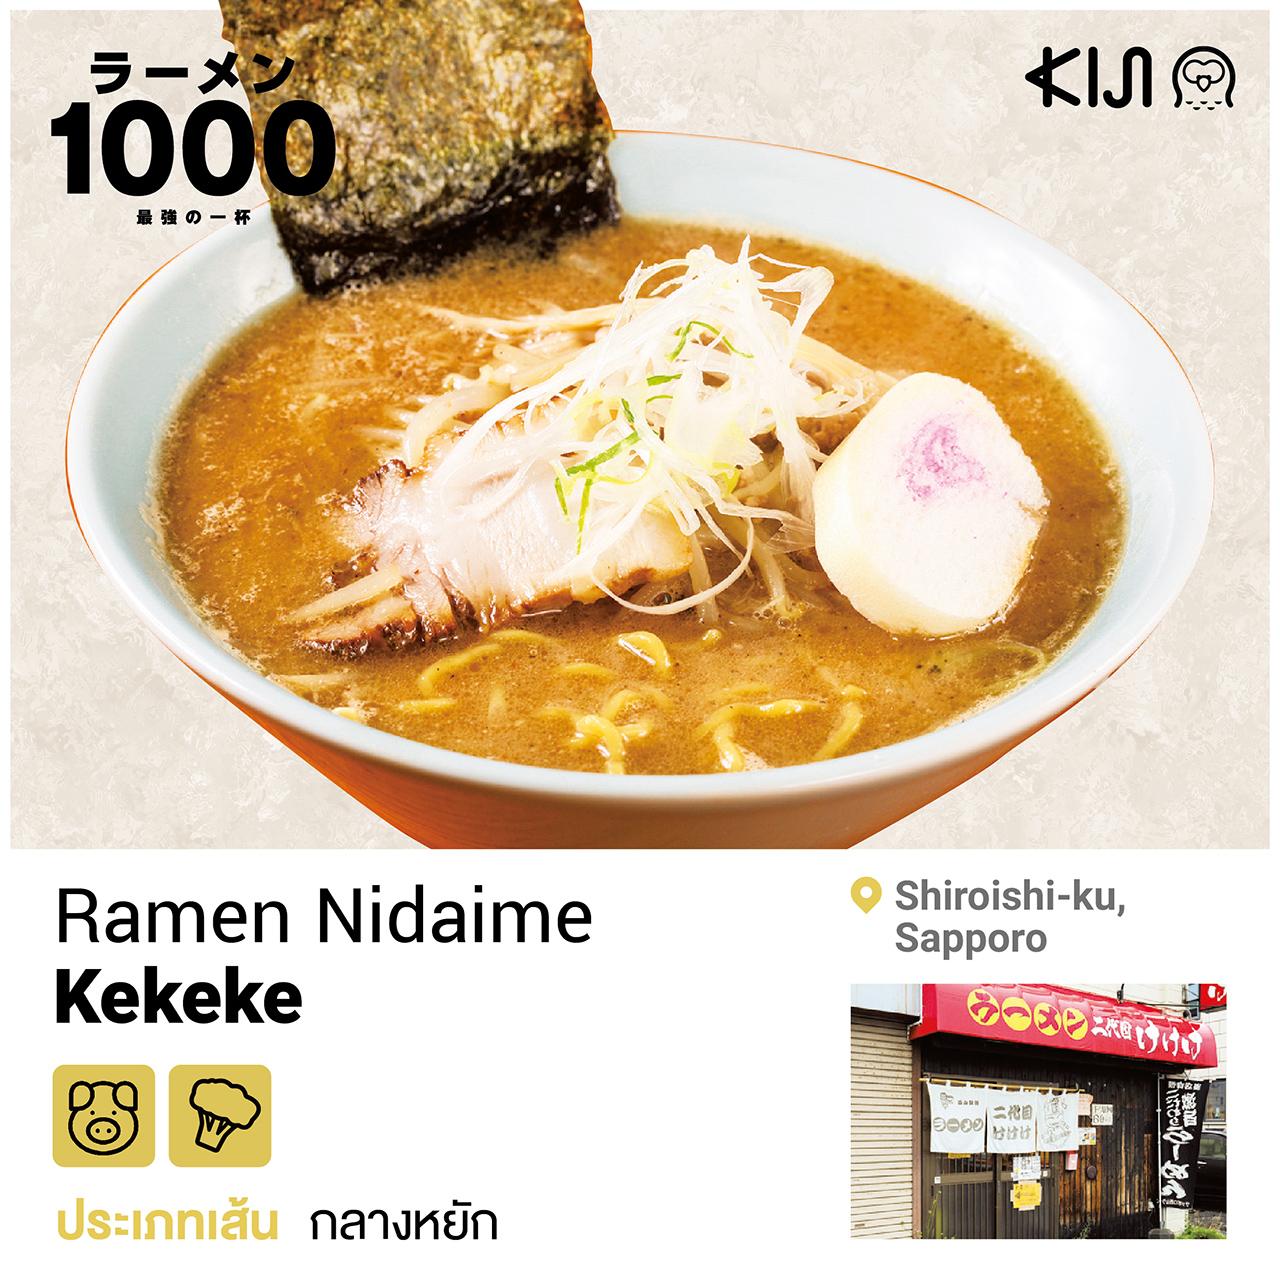 ร้านราเมนในฮอกไกโด - Ramen Nidaime Kekeke